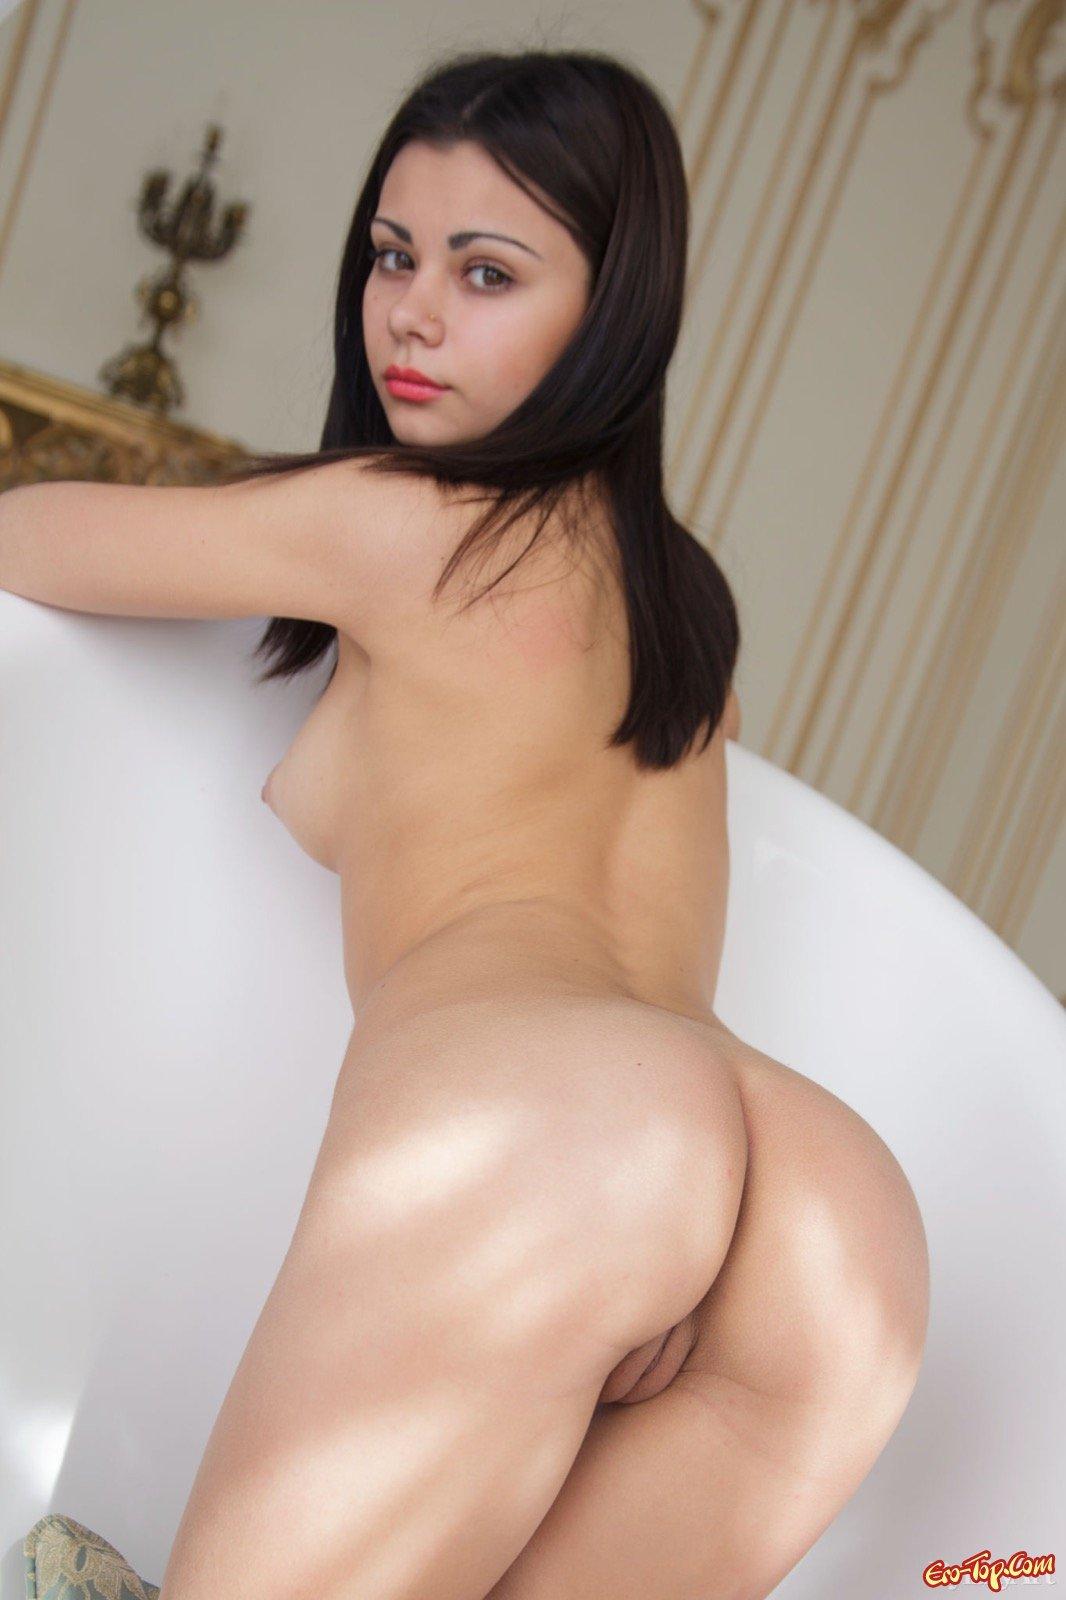 Обнаженная красоточка с упругими булками фотографируется под душем